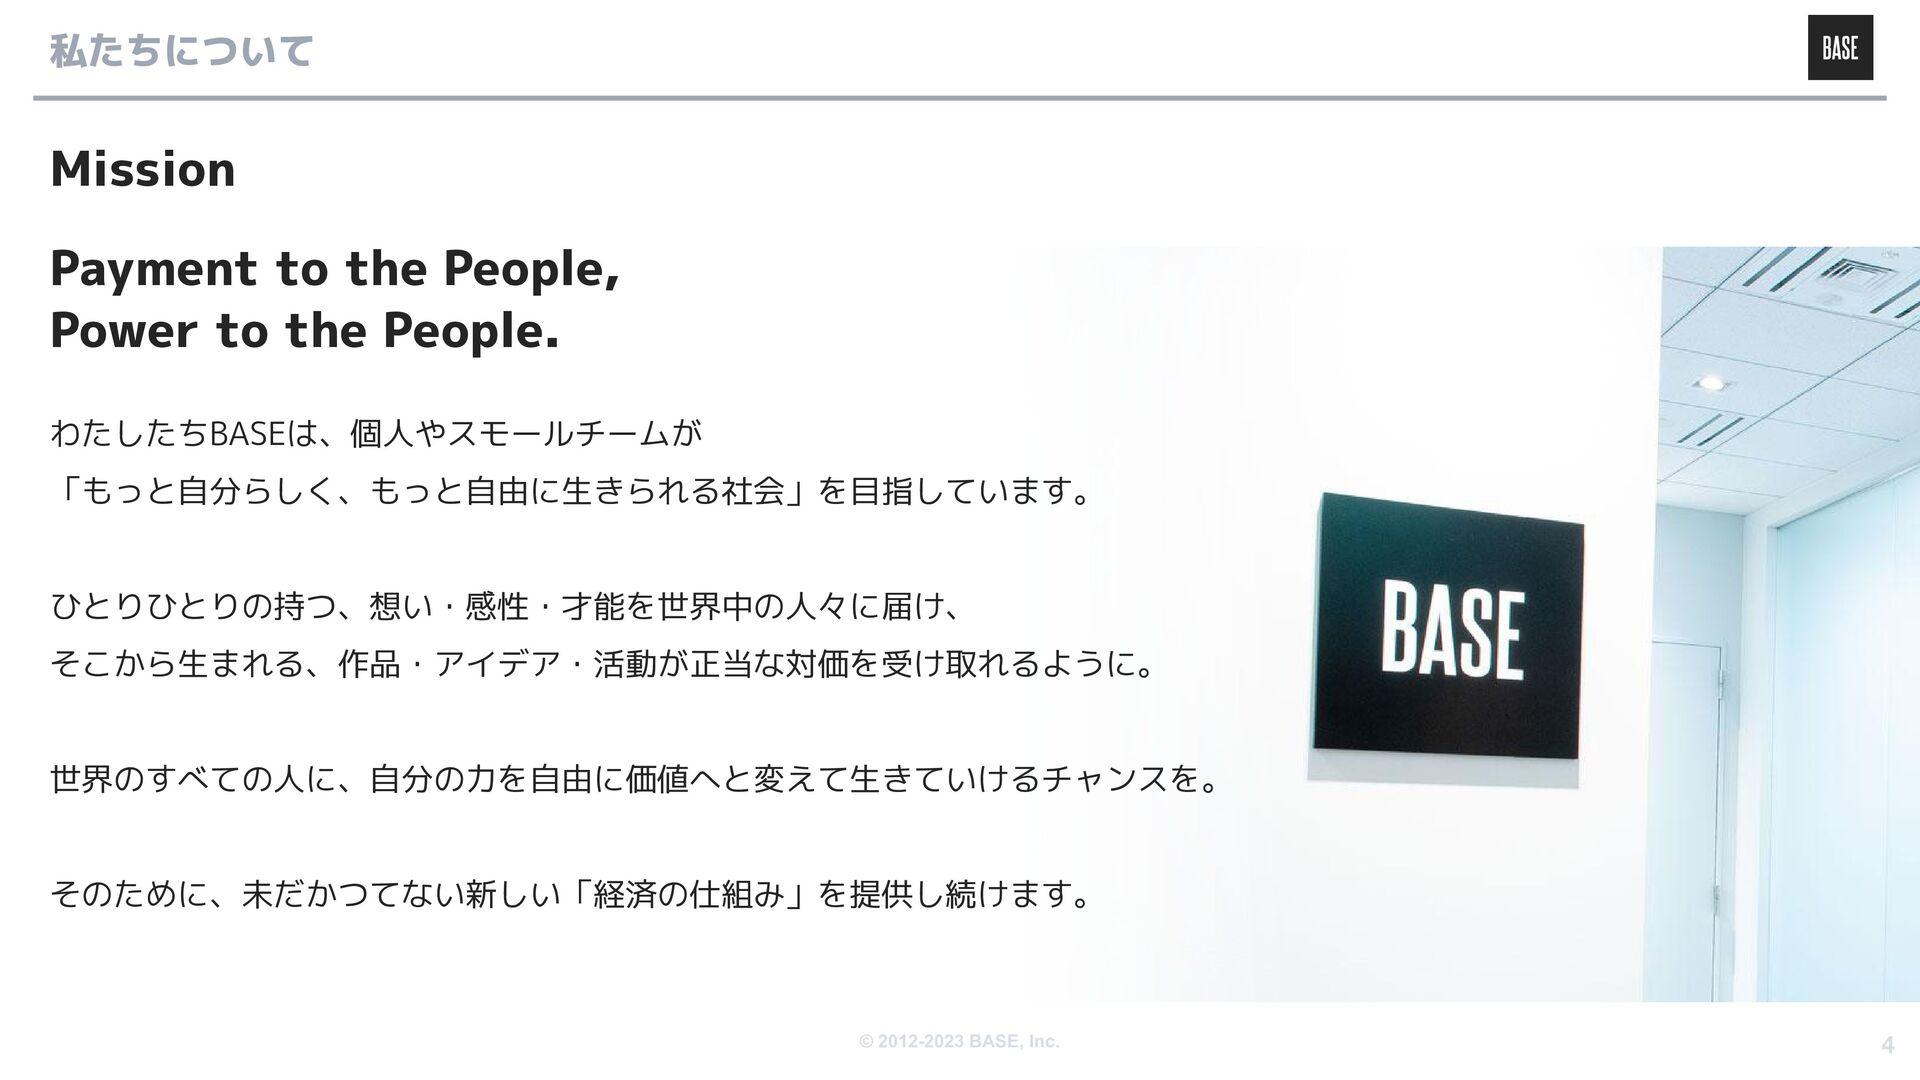 © 2012-2020 BASE, Inc. 私たちについて Mission ひとりひとりに眠...